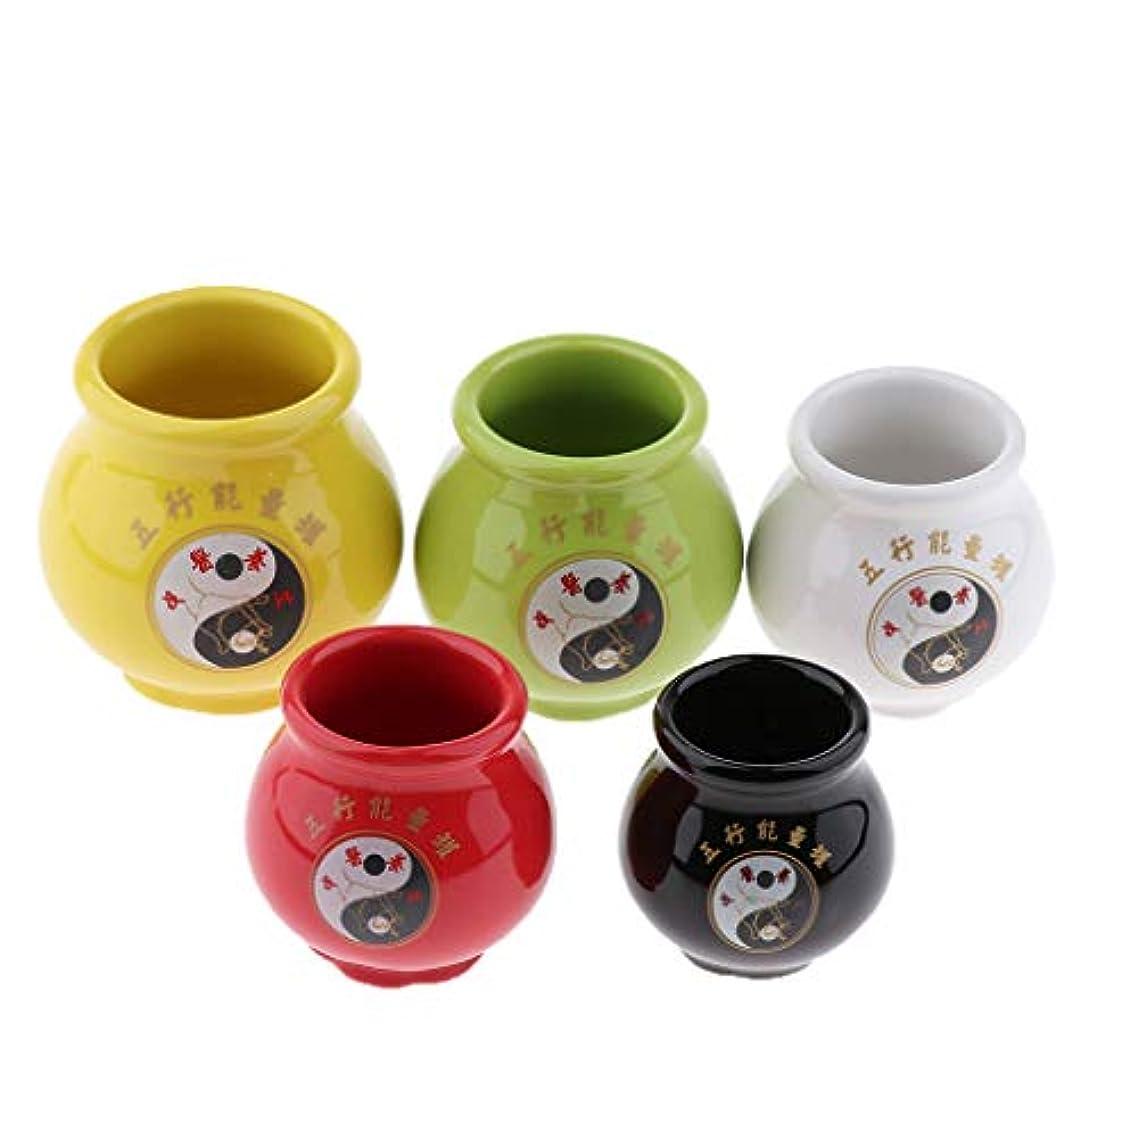 システムキノコ町吸い玉カップ カッピングカップ セラミック製カッピング 真空 関節と筋肉痛救済 健康ケア 5個入